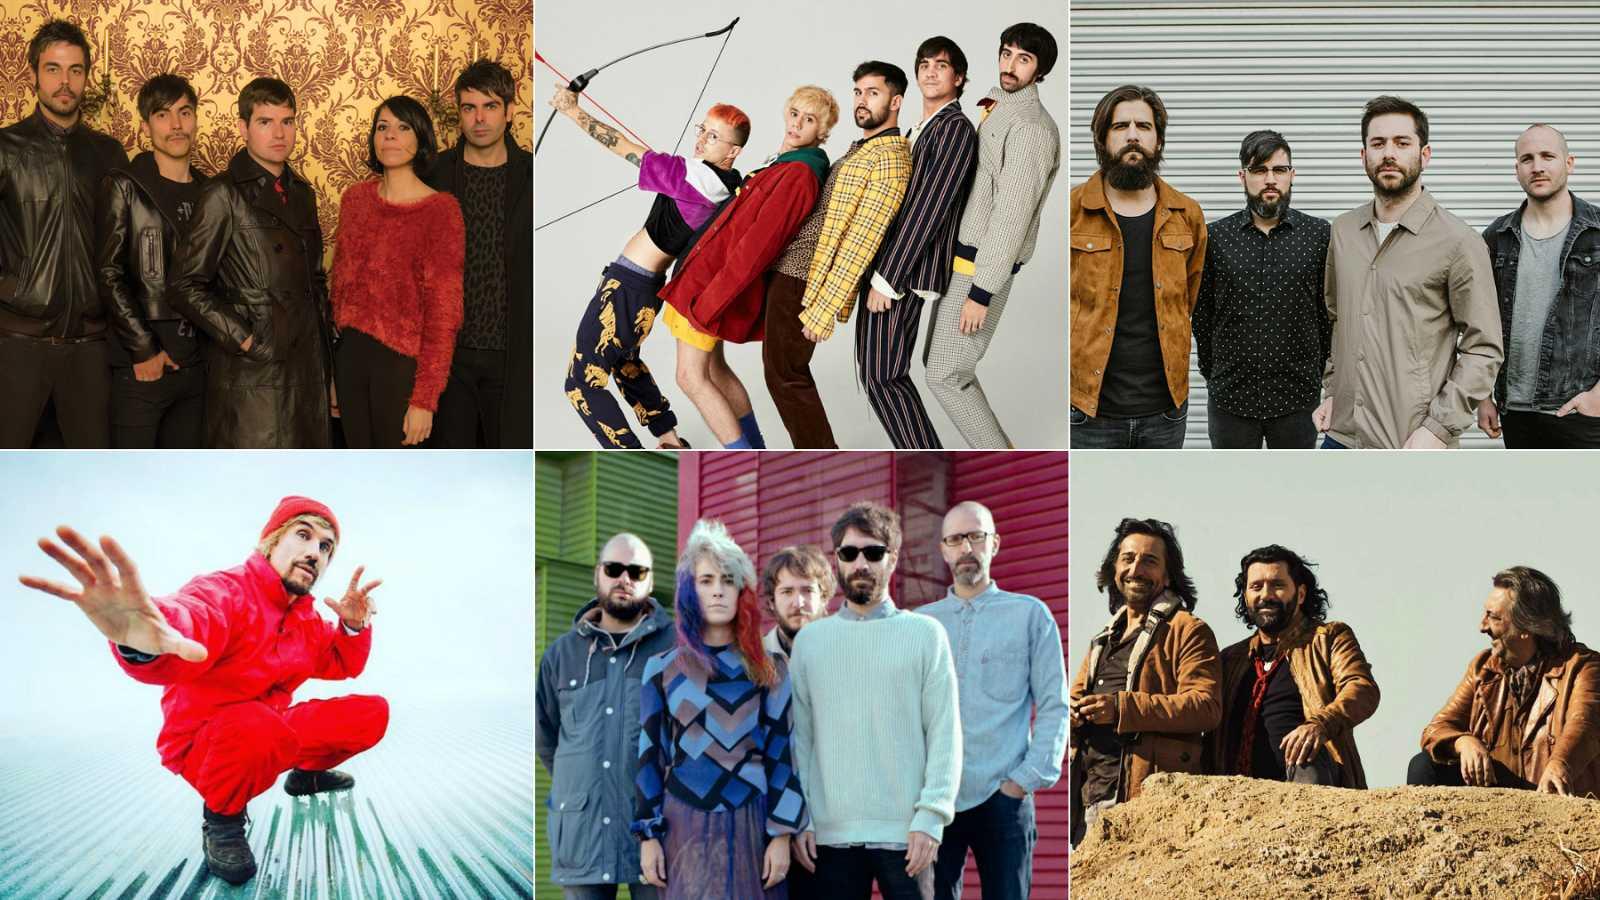 RADIO 3 (08/05 en Madrid): Ketama, Macaco, Viva Suecia, Los Punsetes, Cupido y Dorian (GRATIS)